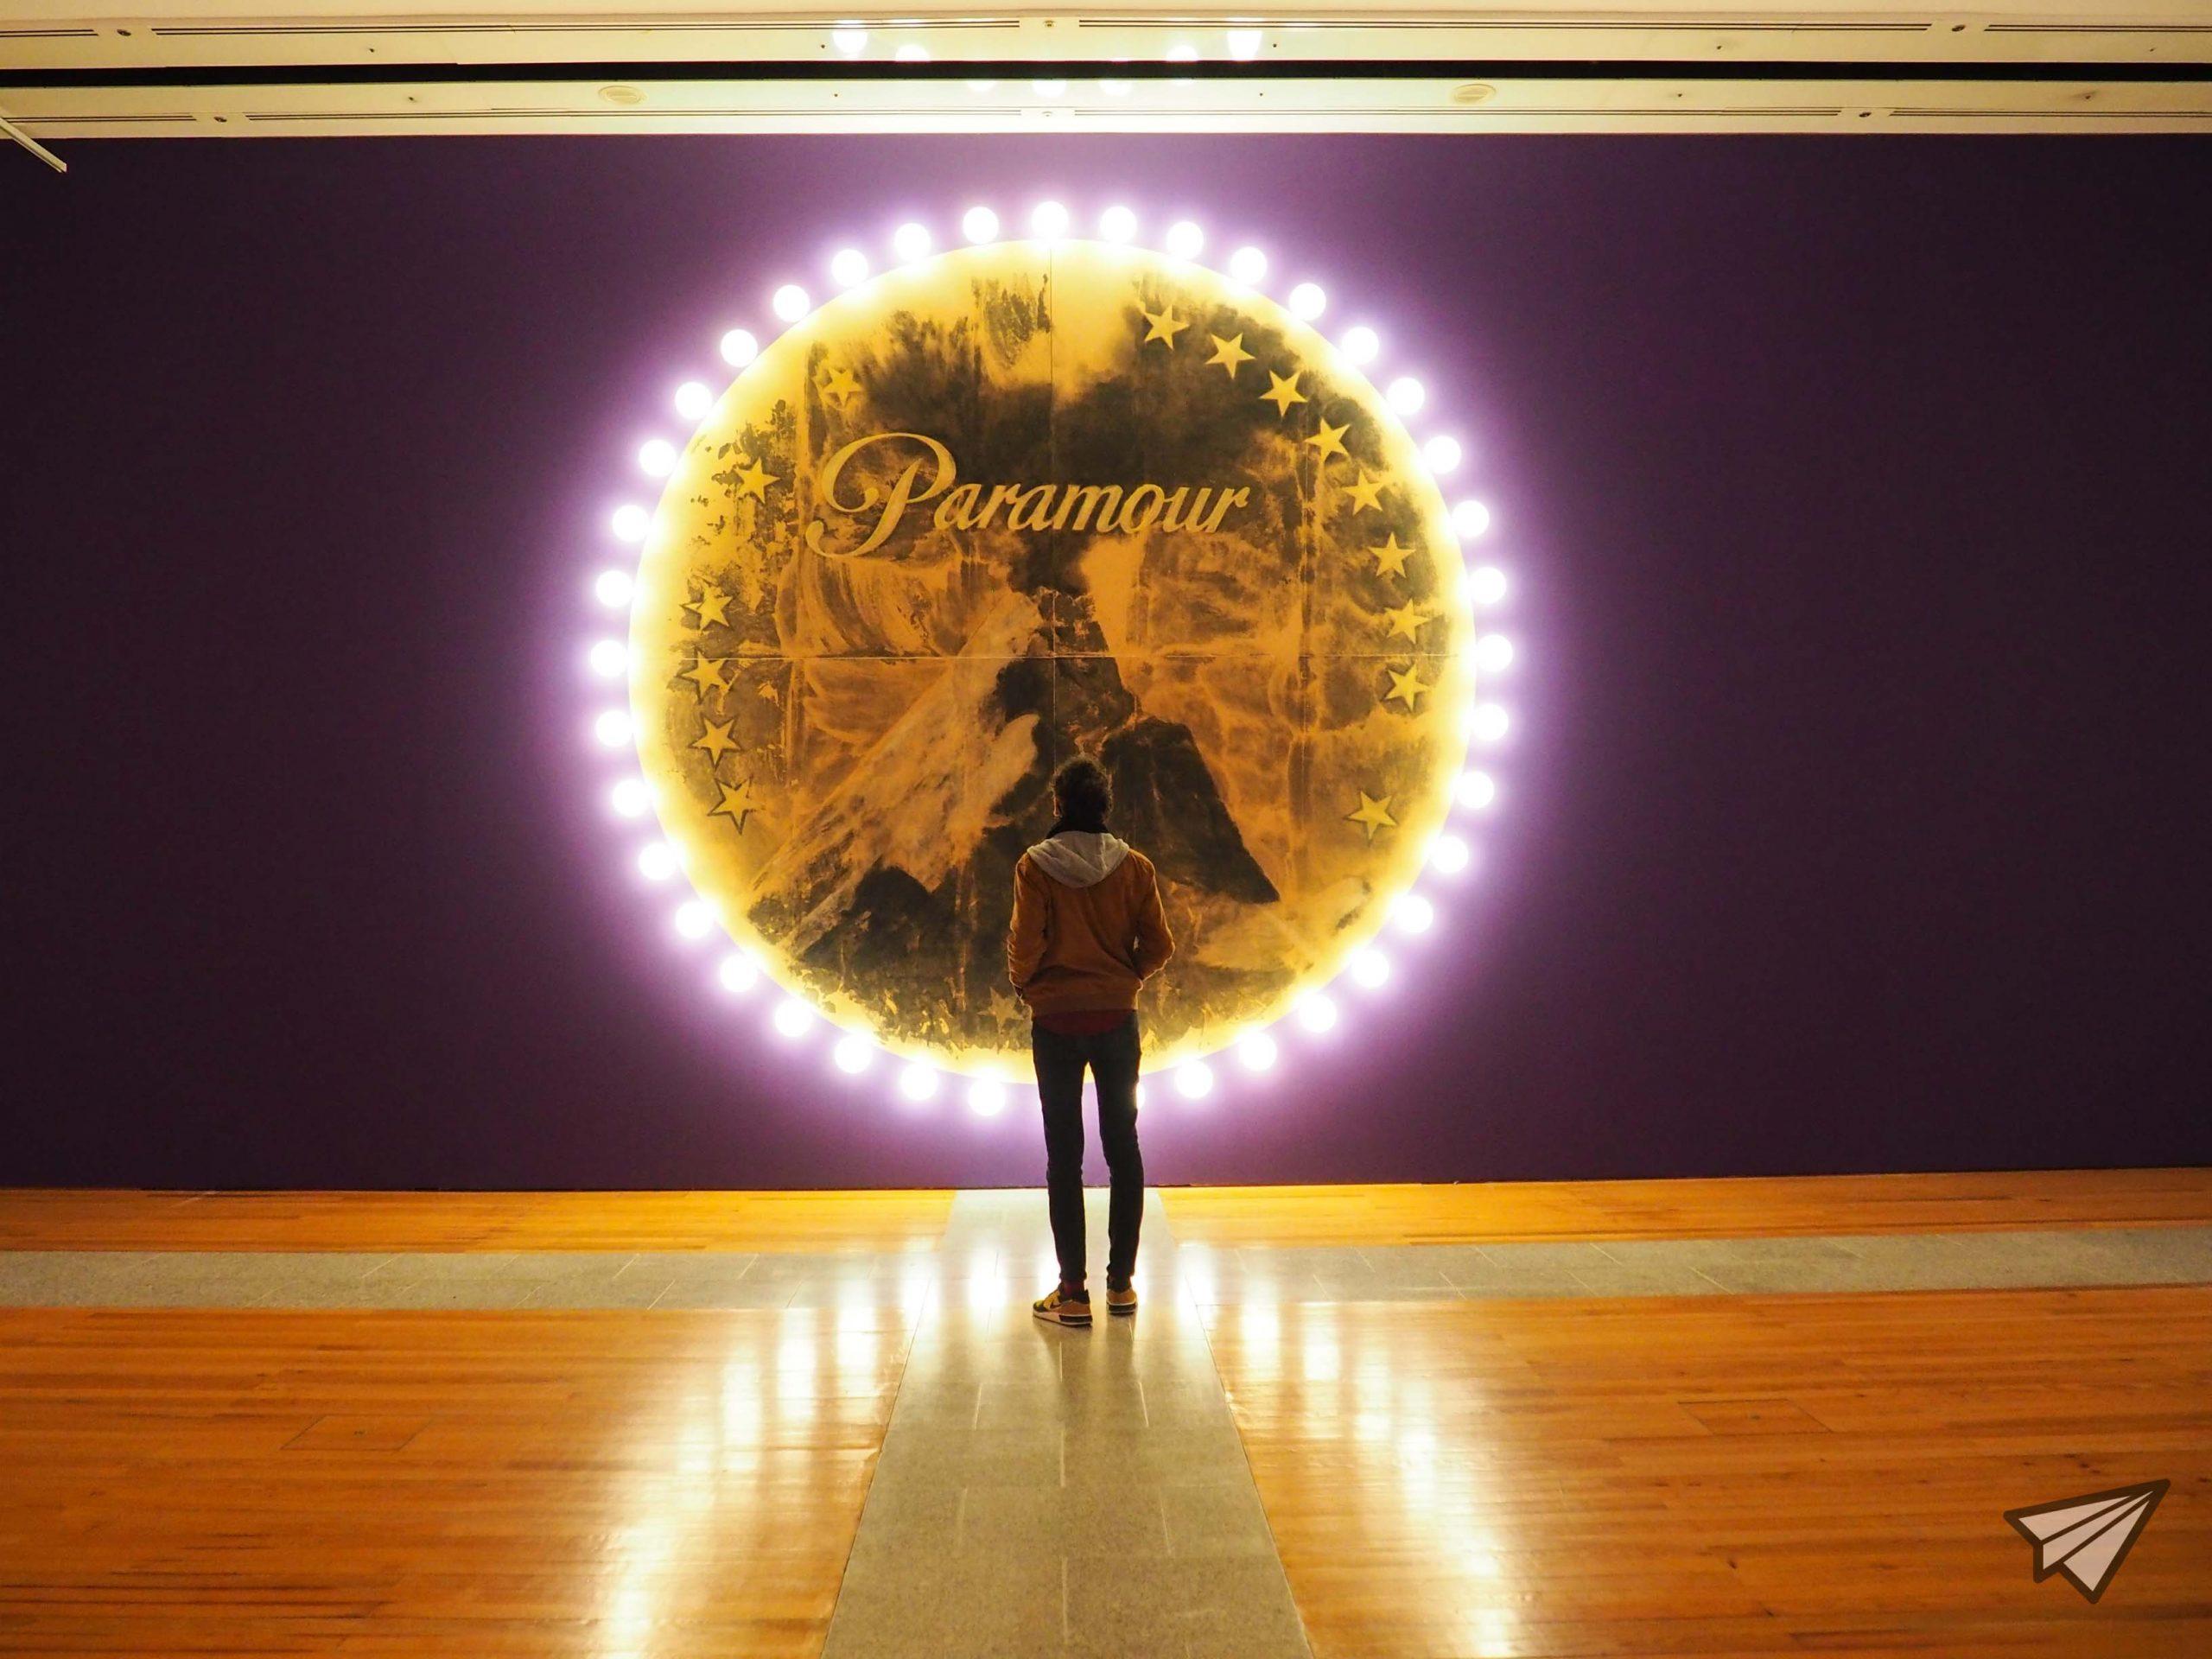 Museu Coleção Berardo pop